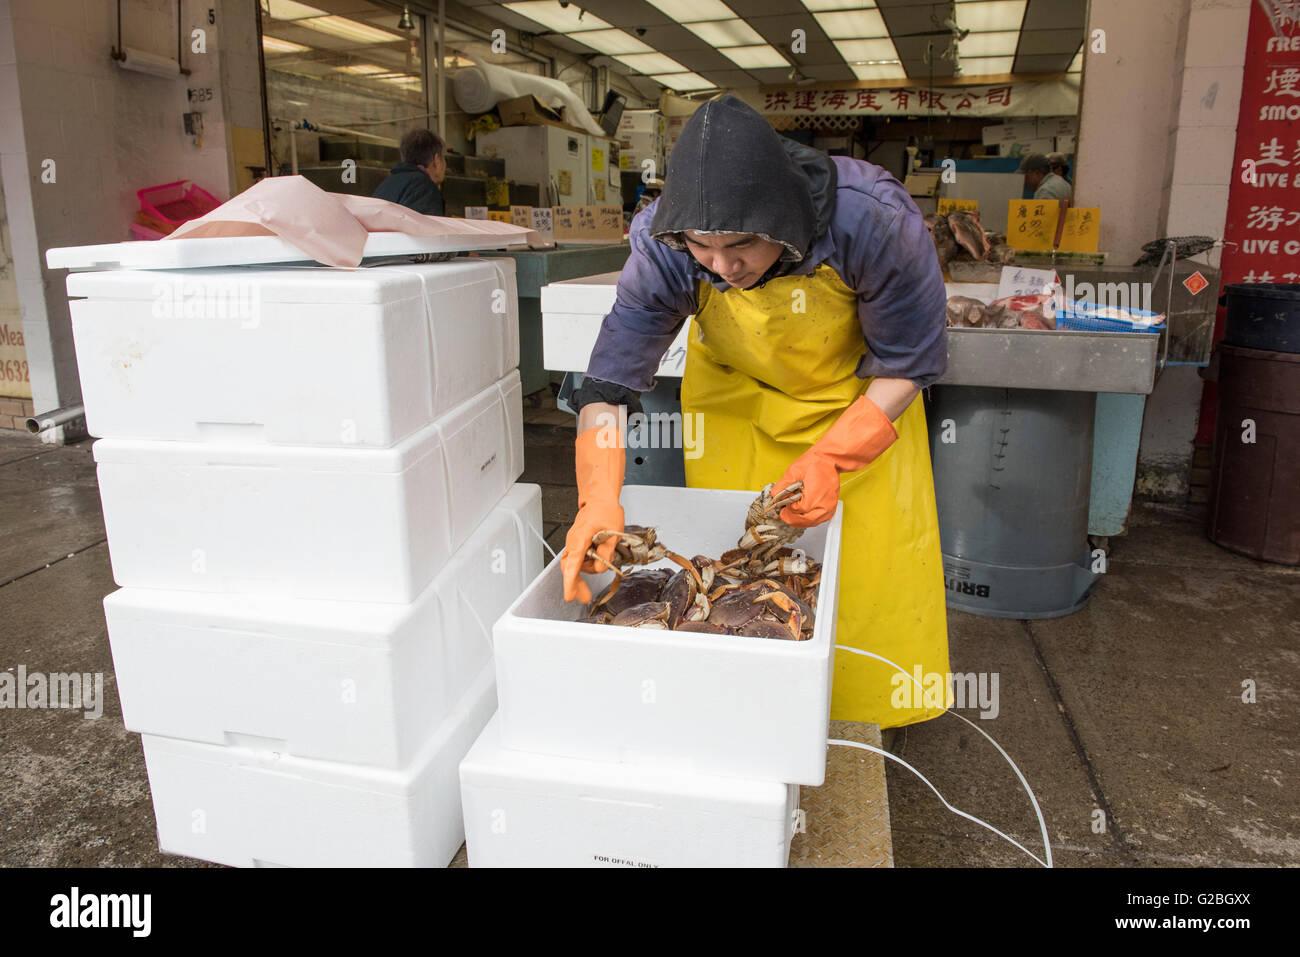 Sélection de crabes poissons monger boîtes mousse Chinatown fish market, Ville de Vancouver Photo Stock